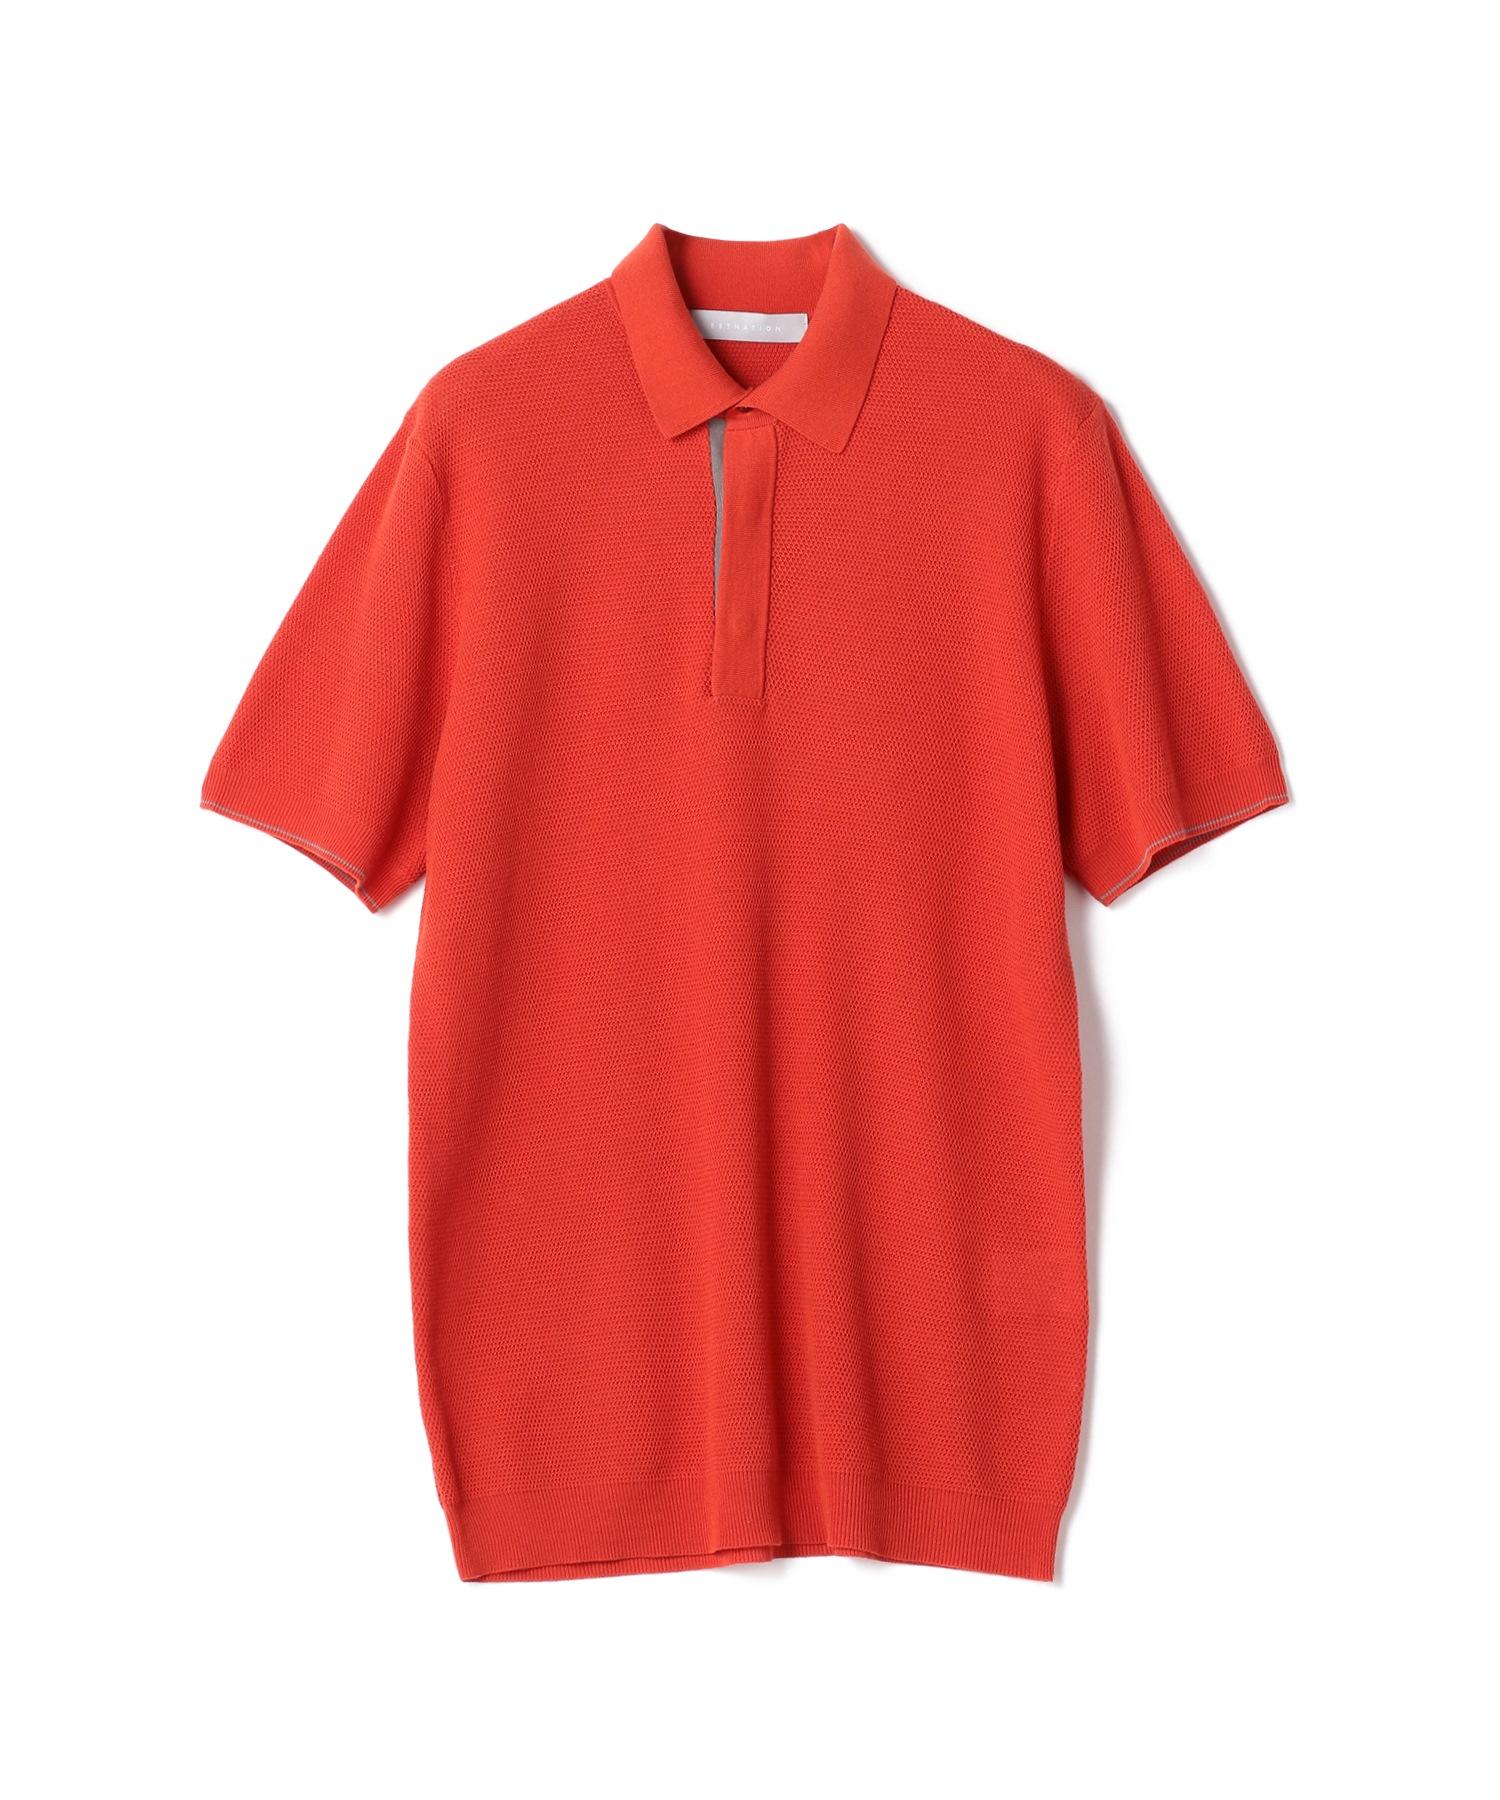 ESTNATION / ウォッシャブル半袖鹿の子ポロシャツ